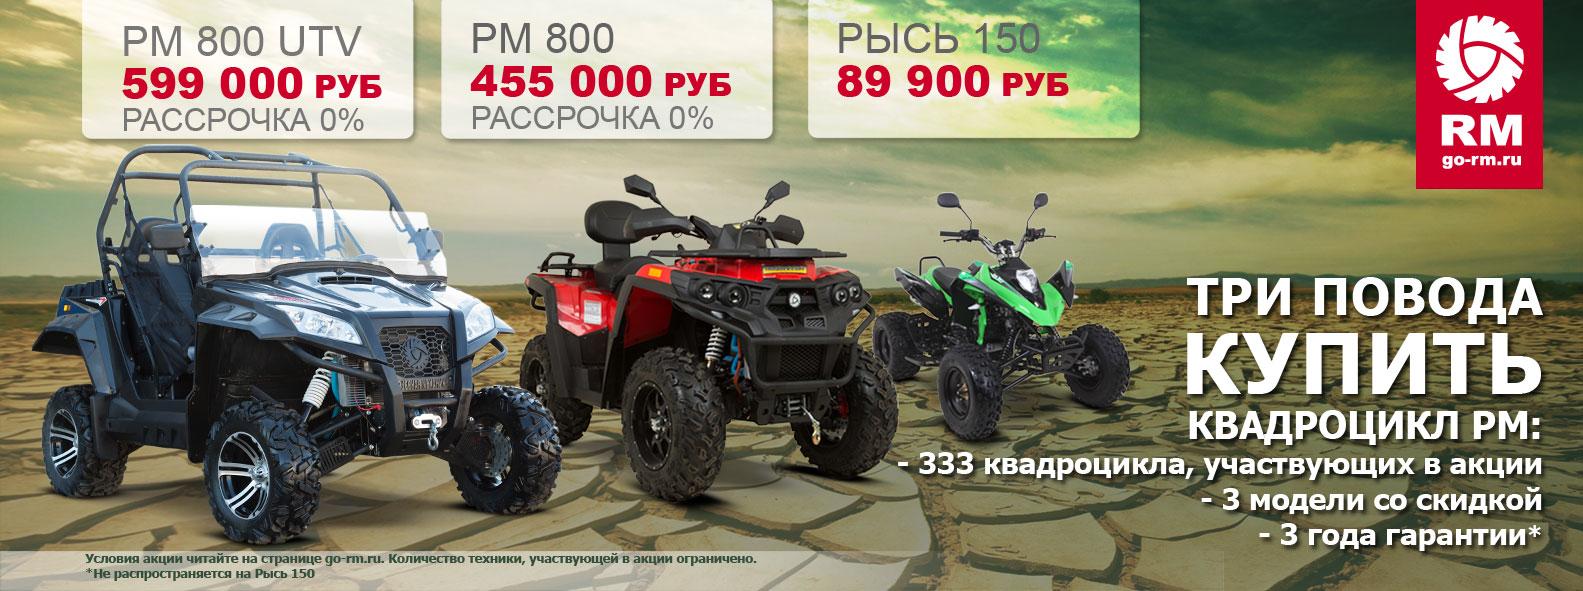 Три повода купить квадроцикл РМ